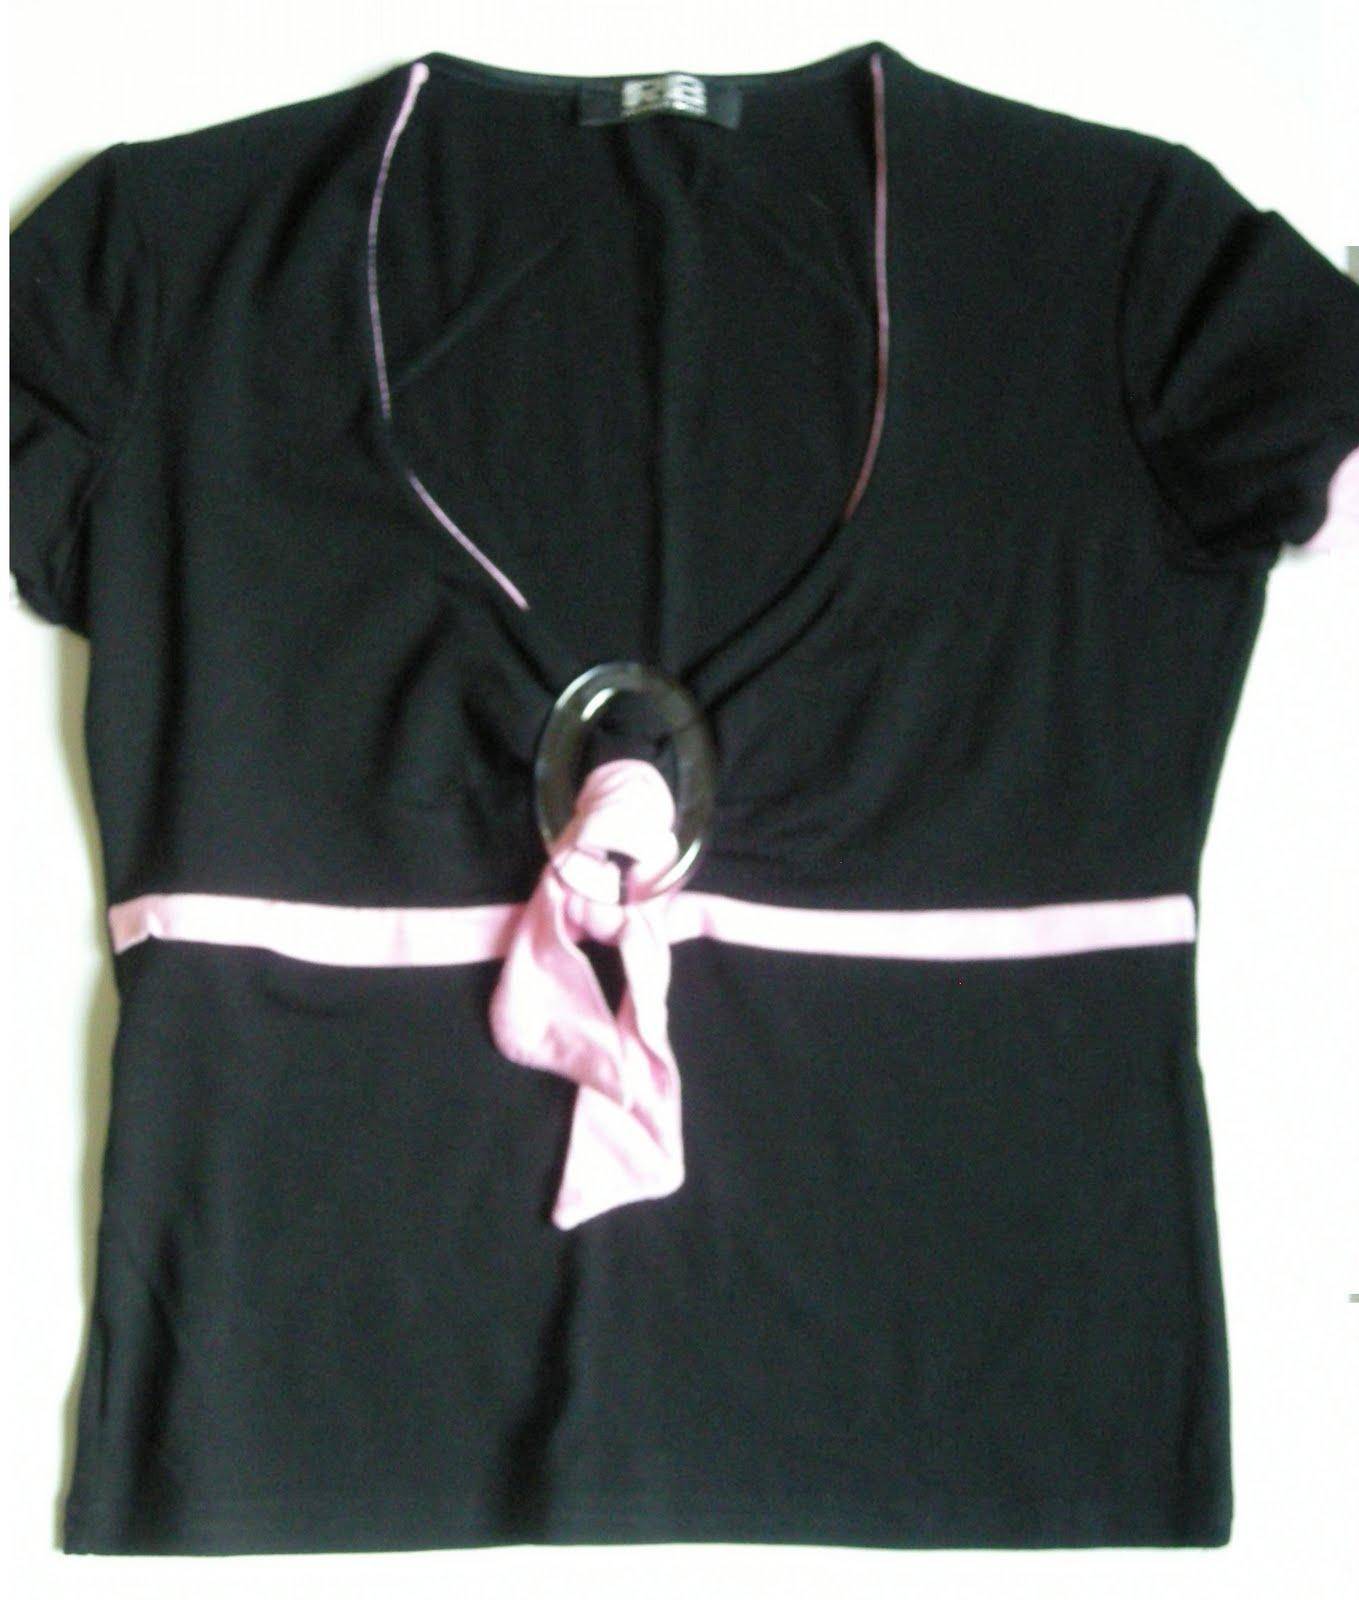 vetement discount dans vide dressing de Flora : RECTANGLE BLANC - Haut noir et rose - T2 - NEUF